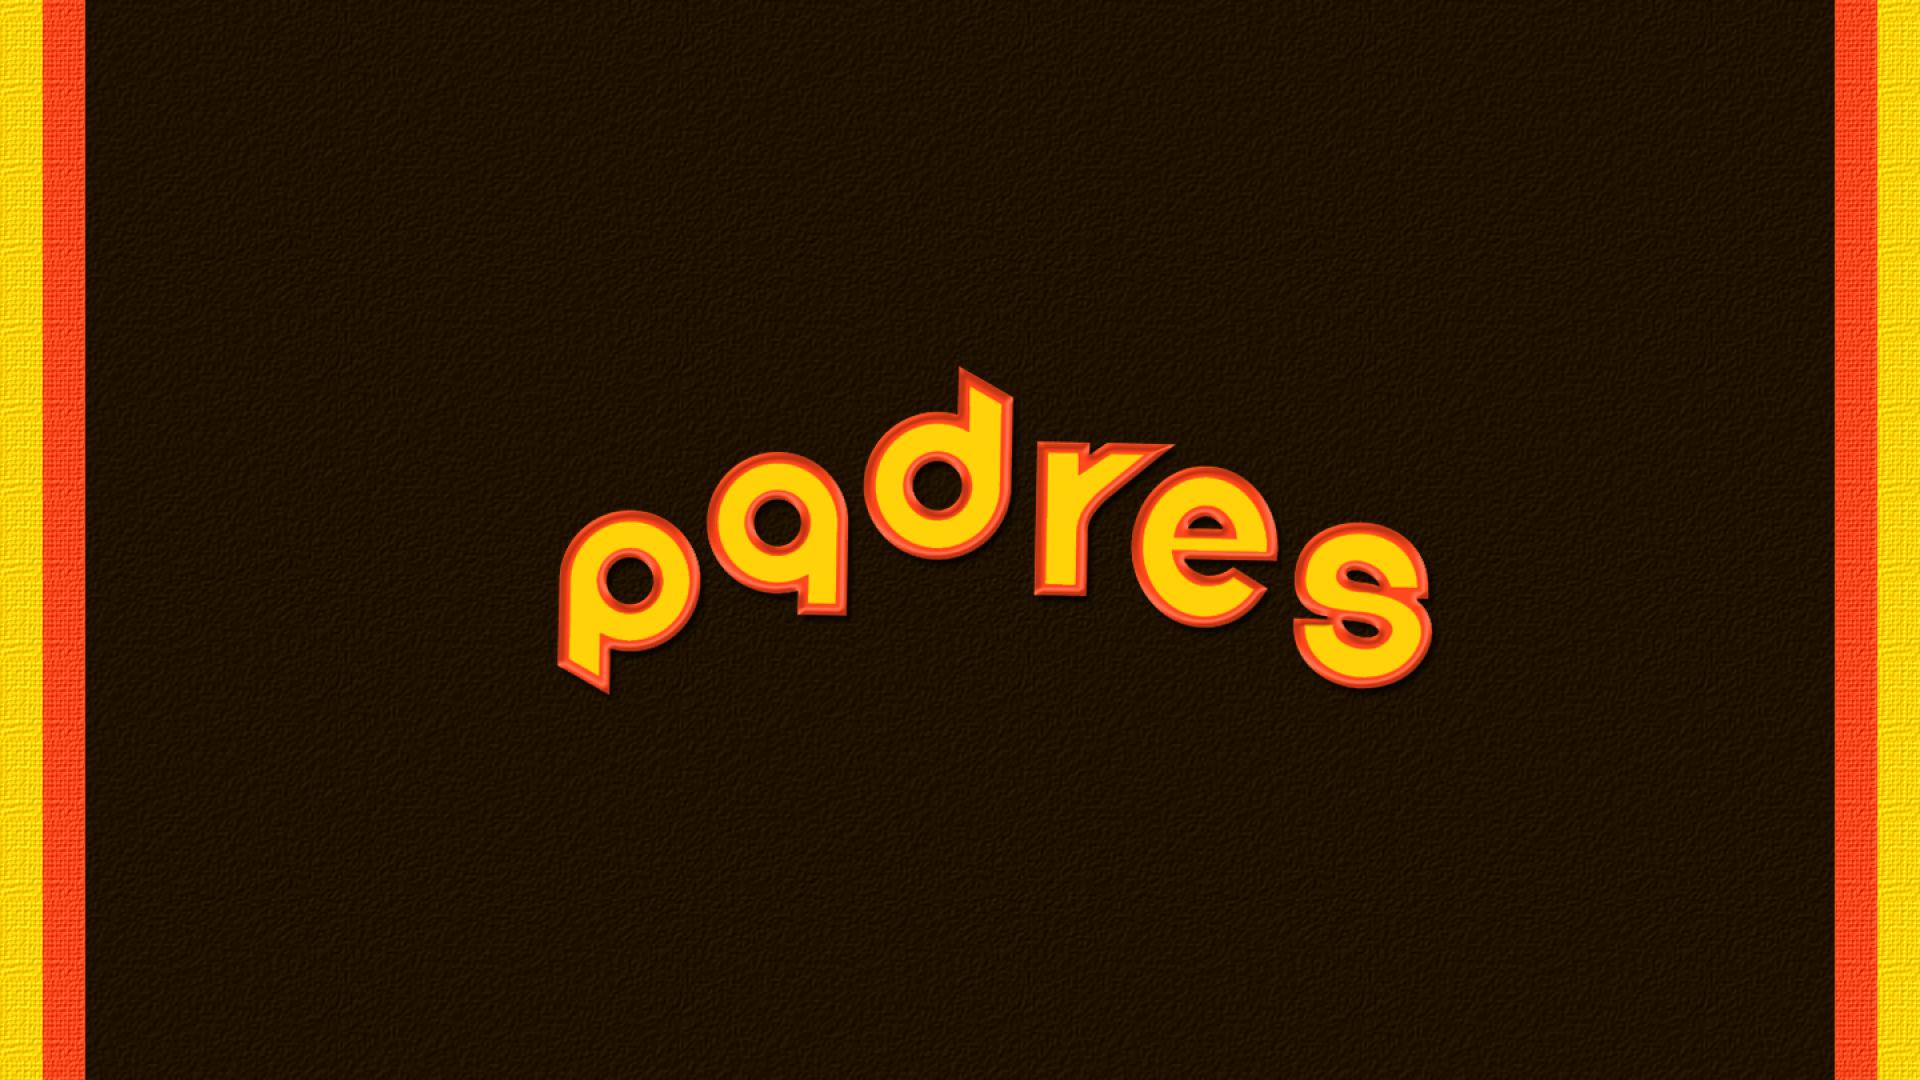 Padres Wallpaper